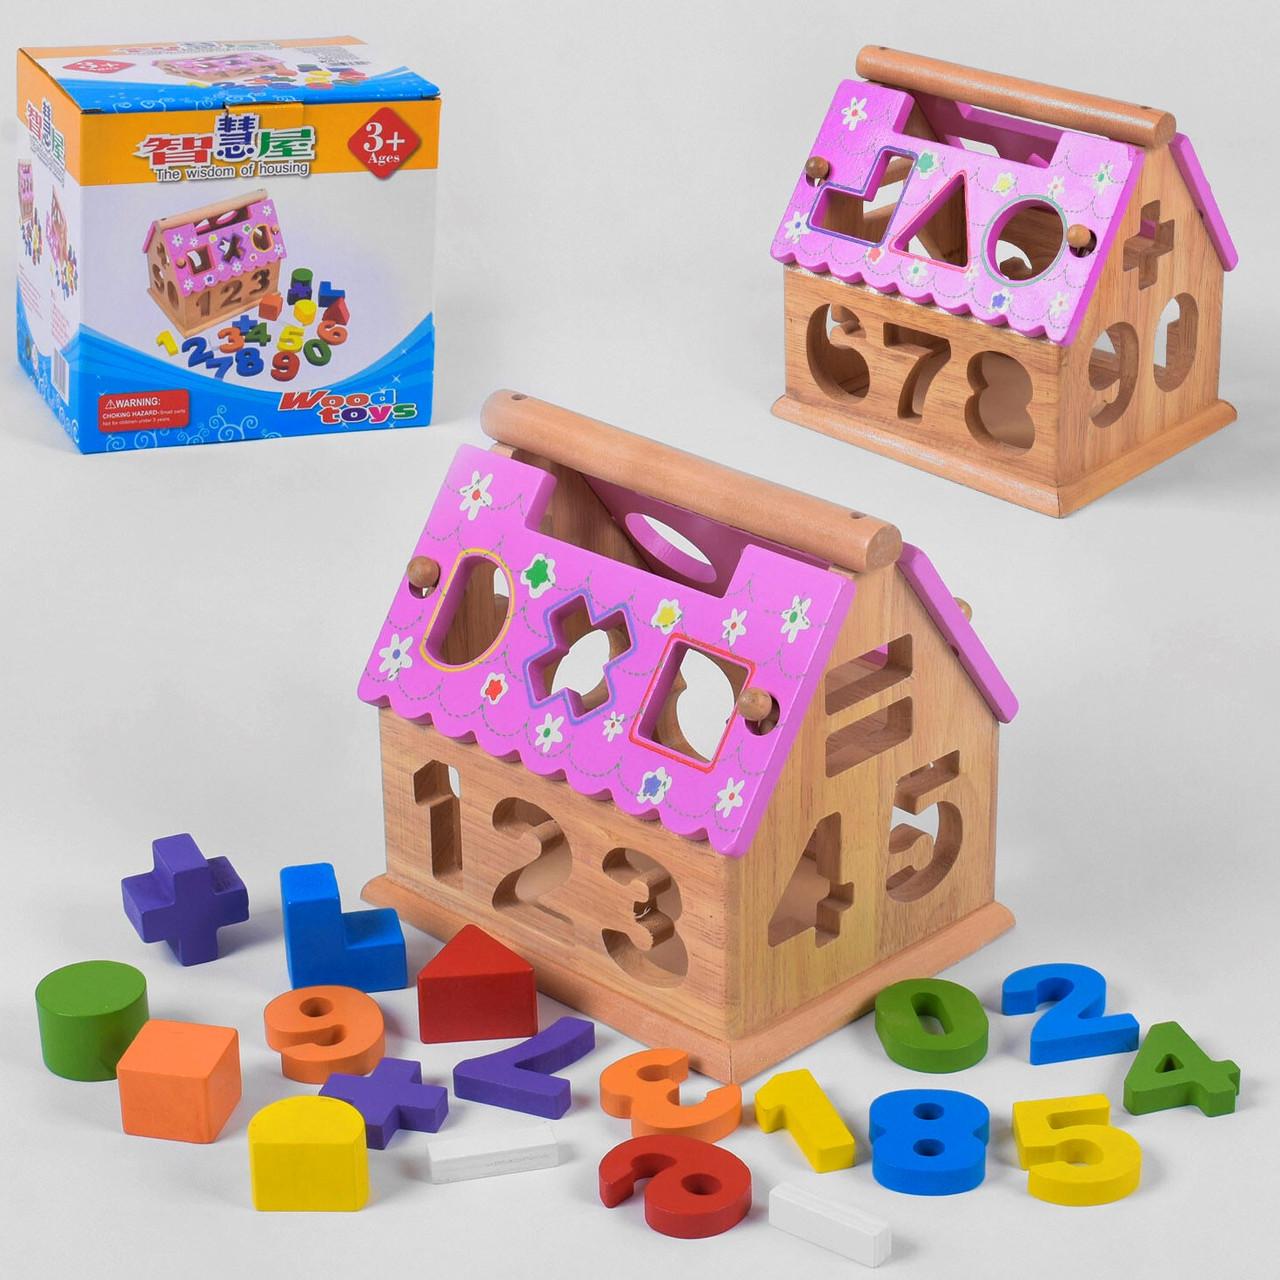 Дерев'яний Будиночок-Сортер, інтерактивна іграшка З 39349